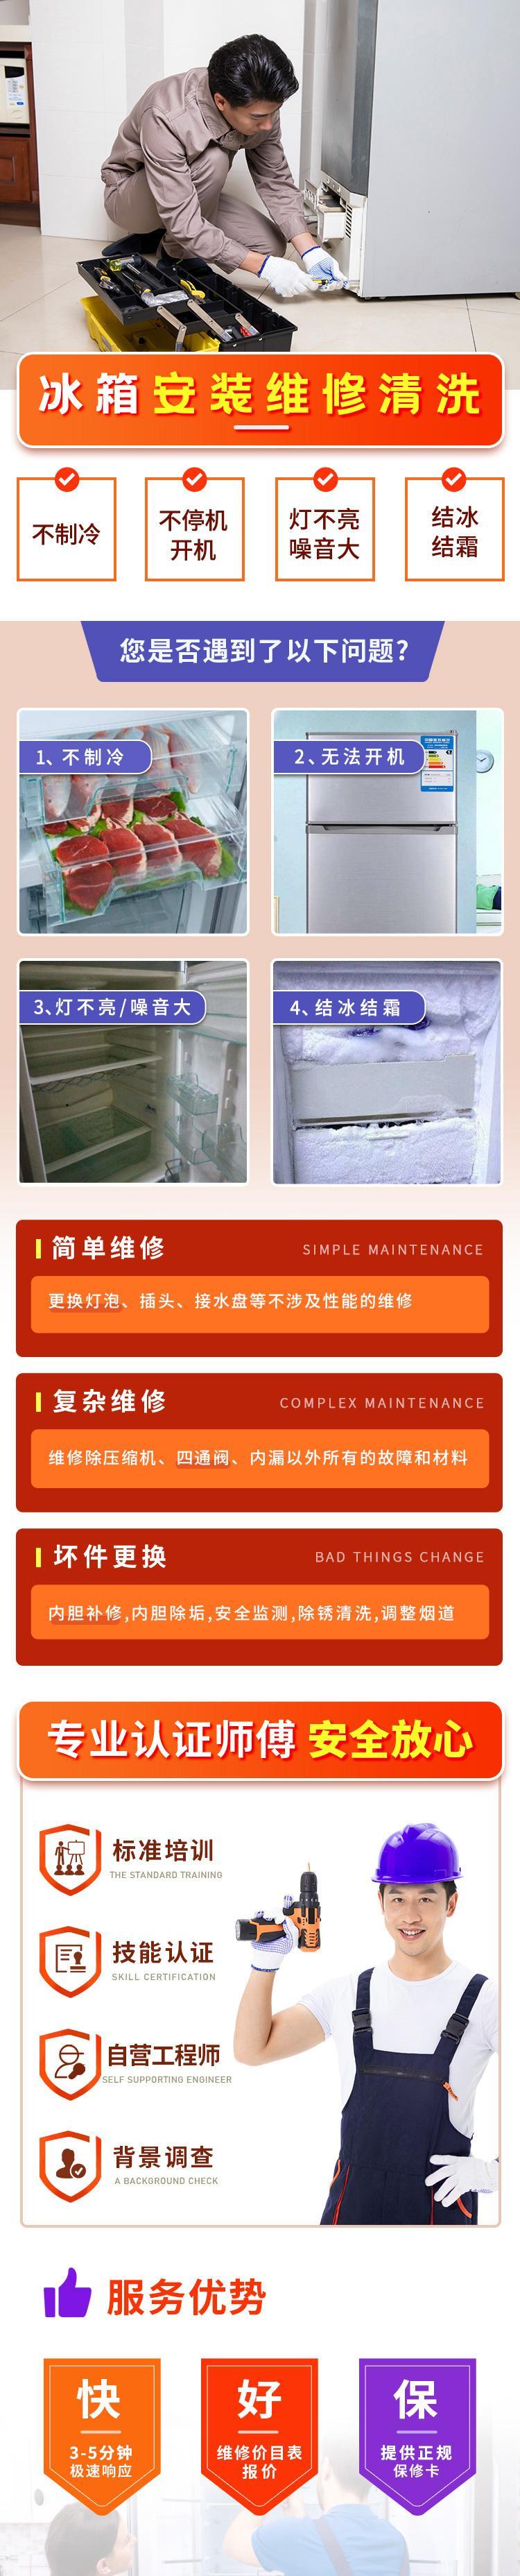 冰箱维修.jpg